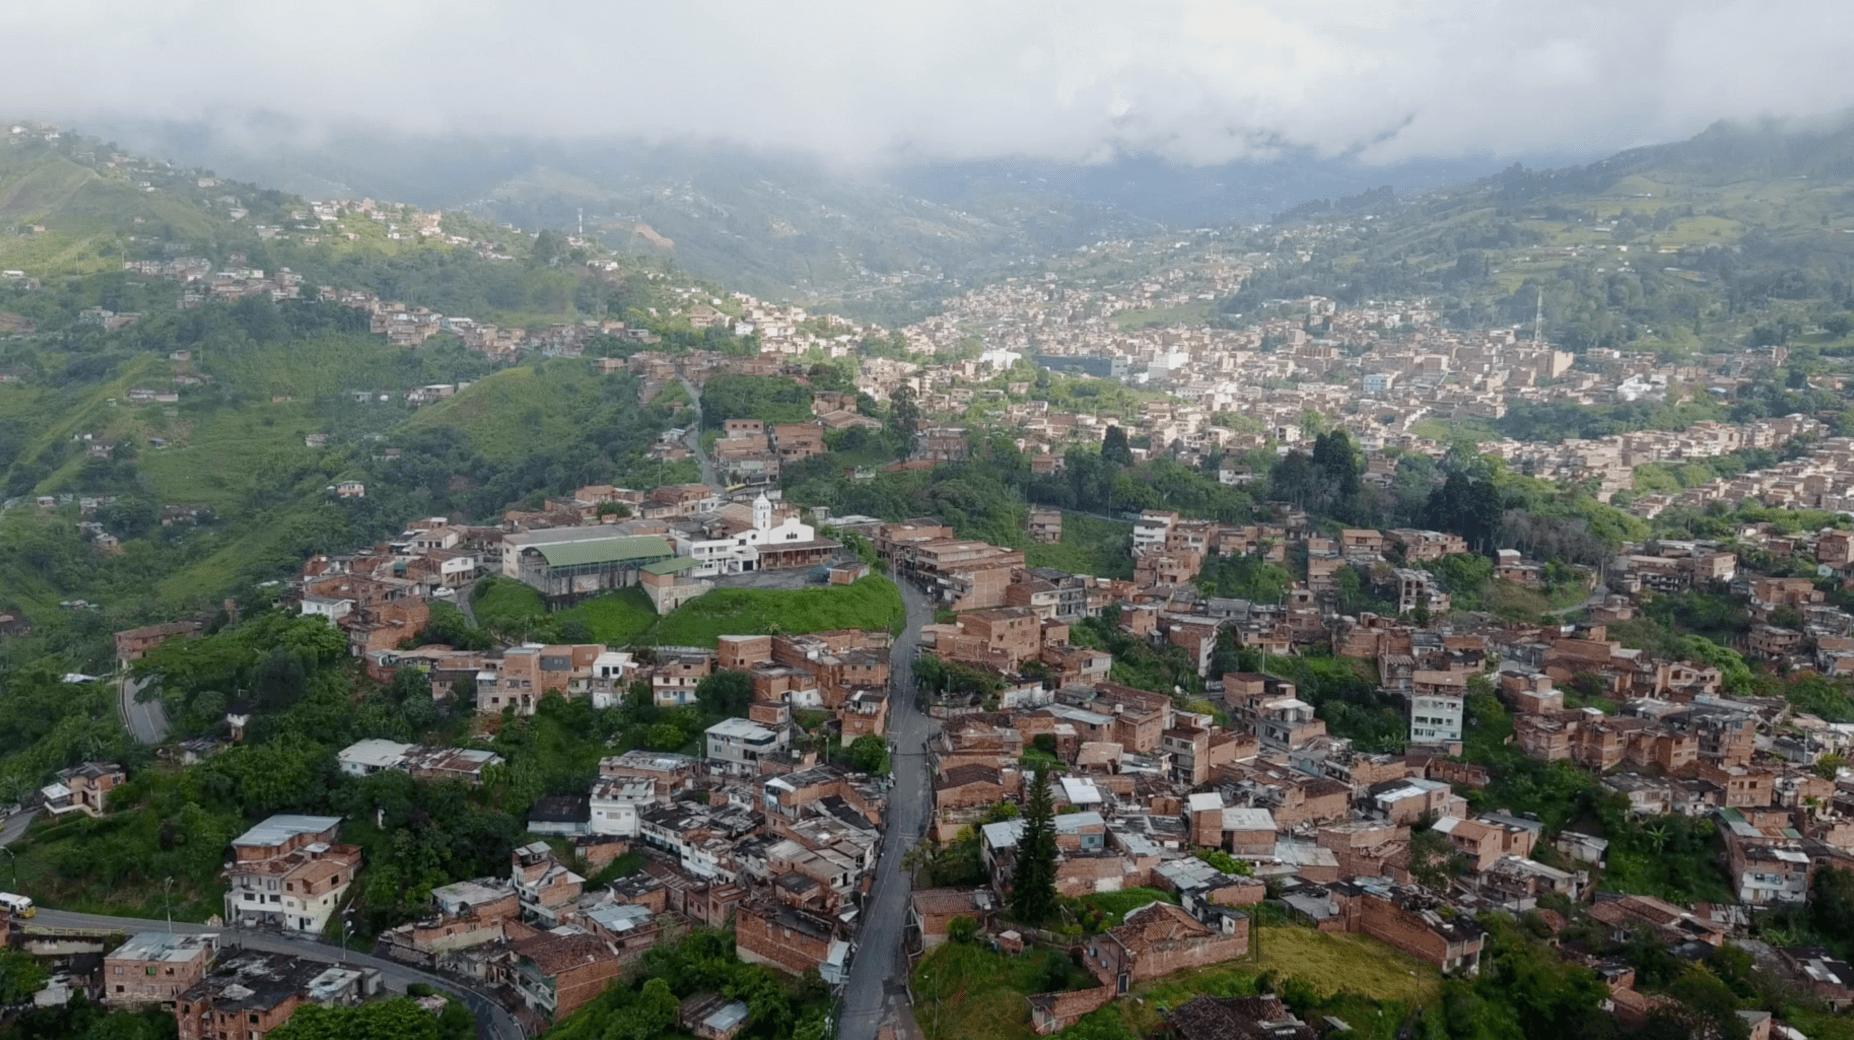 Medellinlab